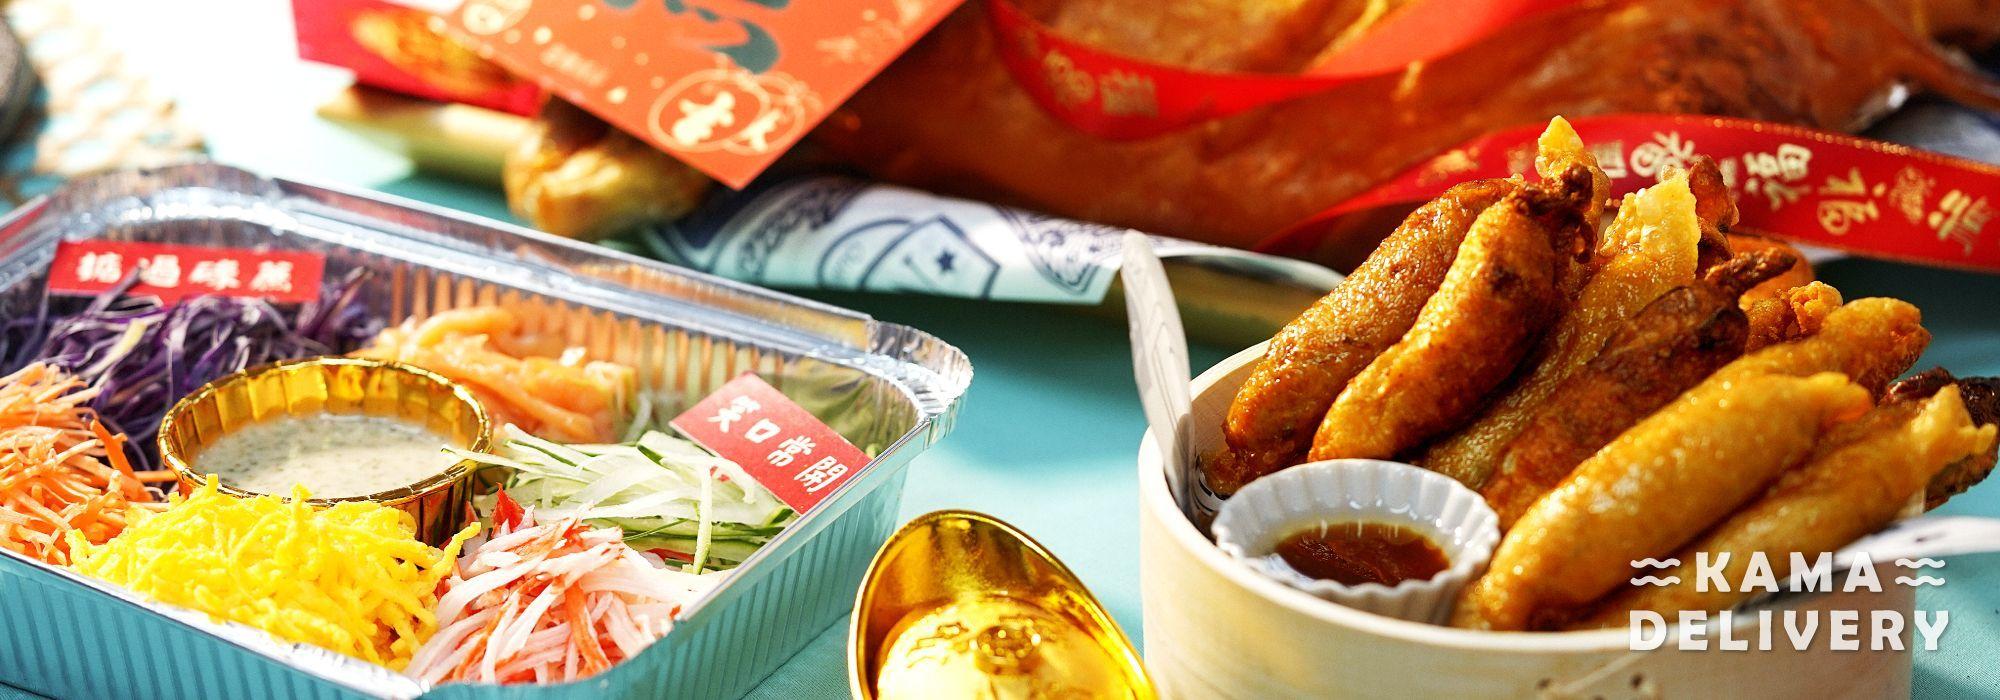 【2021新年到會外賣速遞 】5大預訂要點你要知|家庭團聚、團年飯、拜年飯、春茗、開年飯、團拜、年夜飯|Kama Delivery Catering美食到會外賣速遞餐飲服務